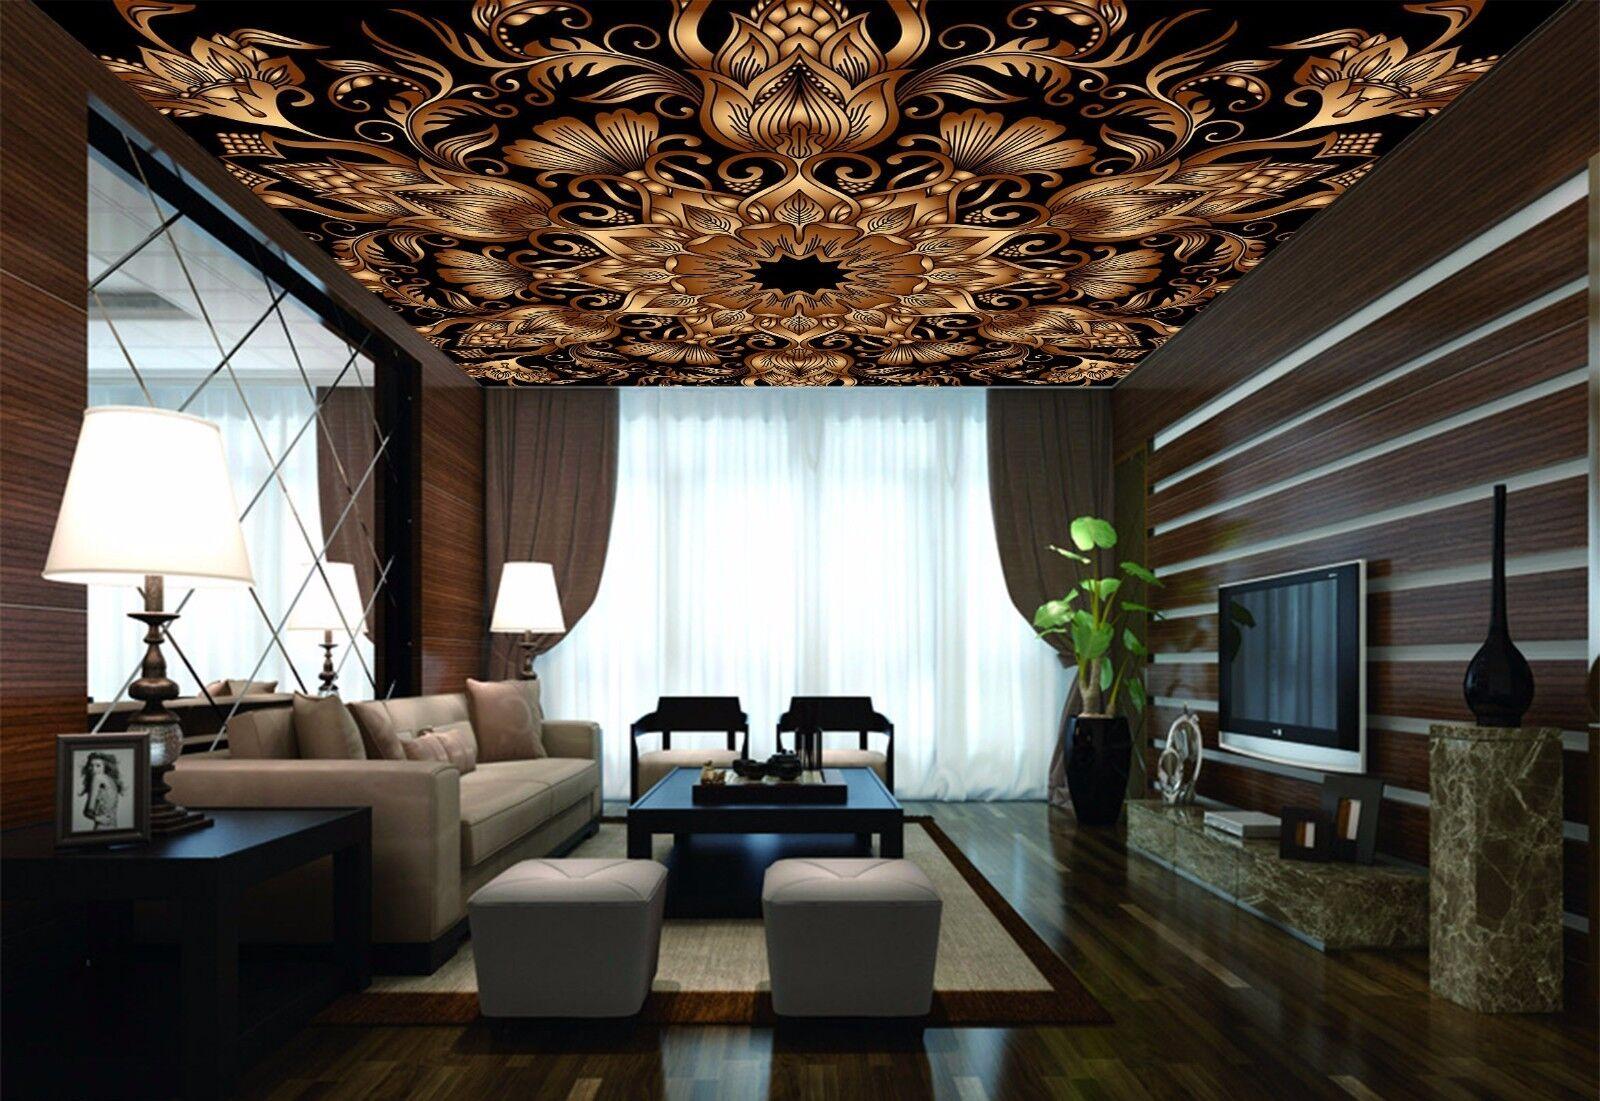 3D gold Petal 5 Ceiling WallPaper Murals Wall Print Decal Deco AJ WALLPAPER AU